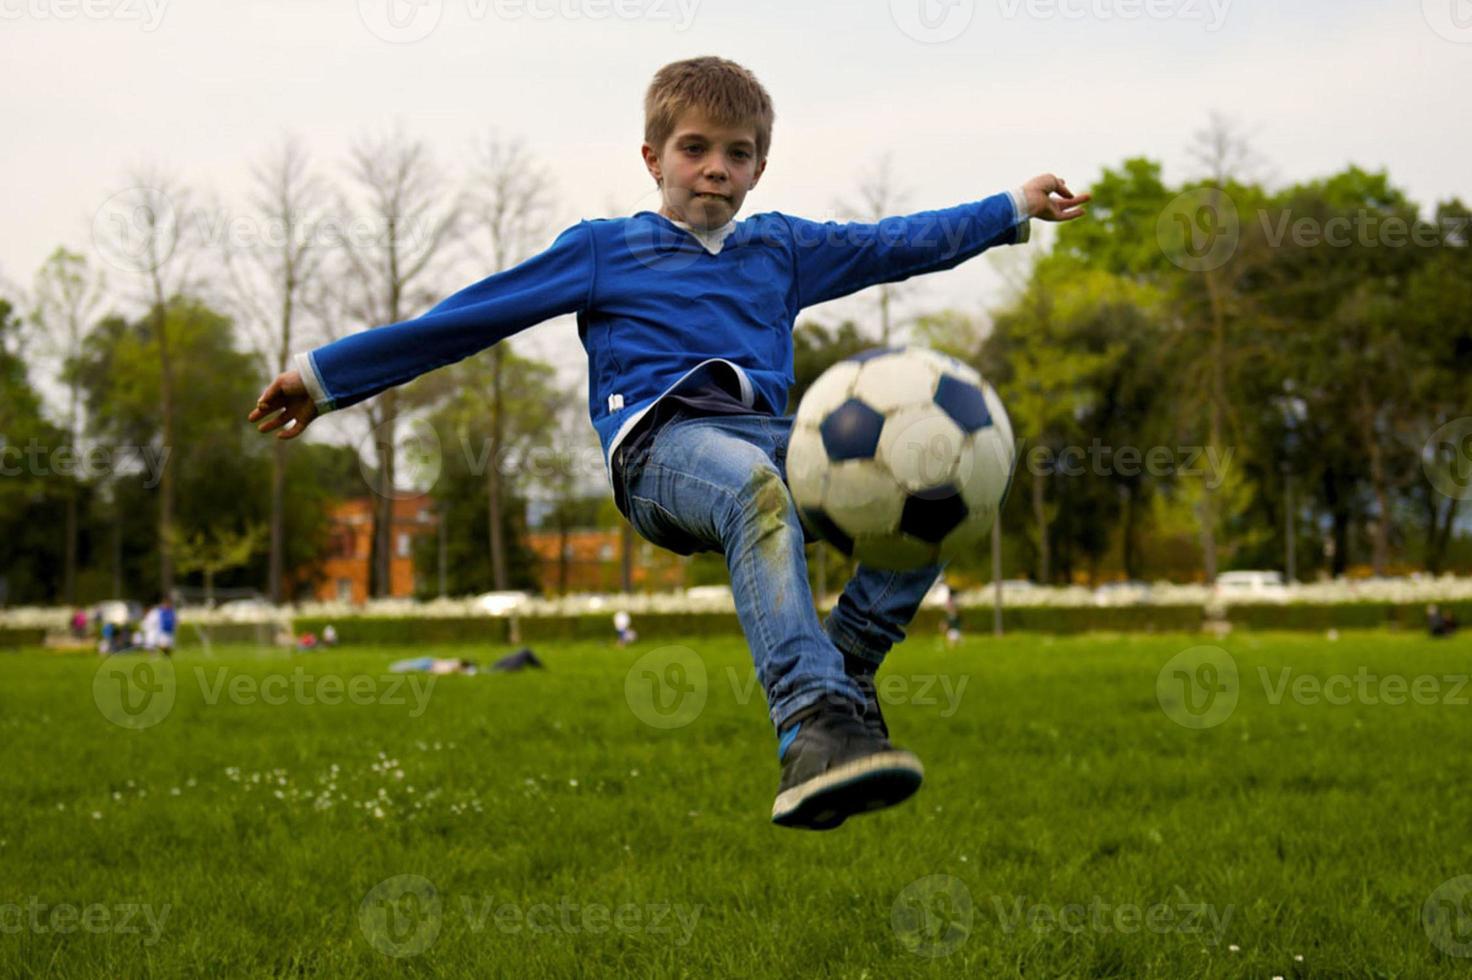 niño juega fútbol instantánea foto